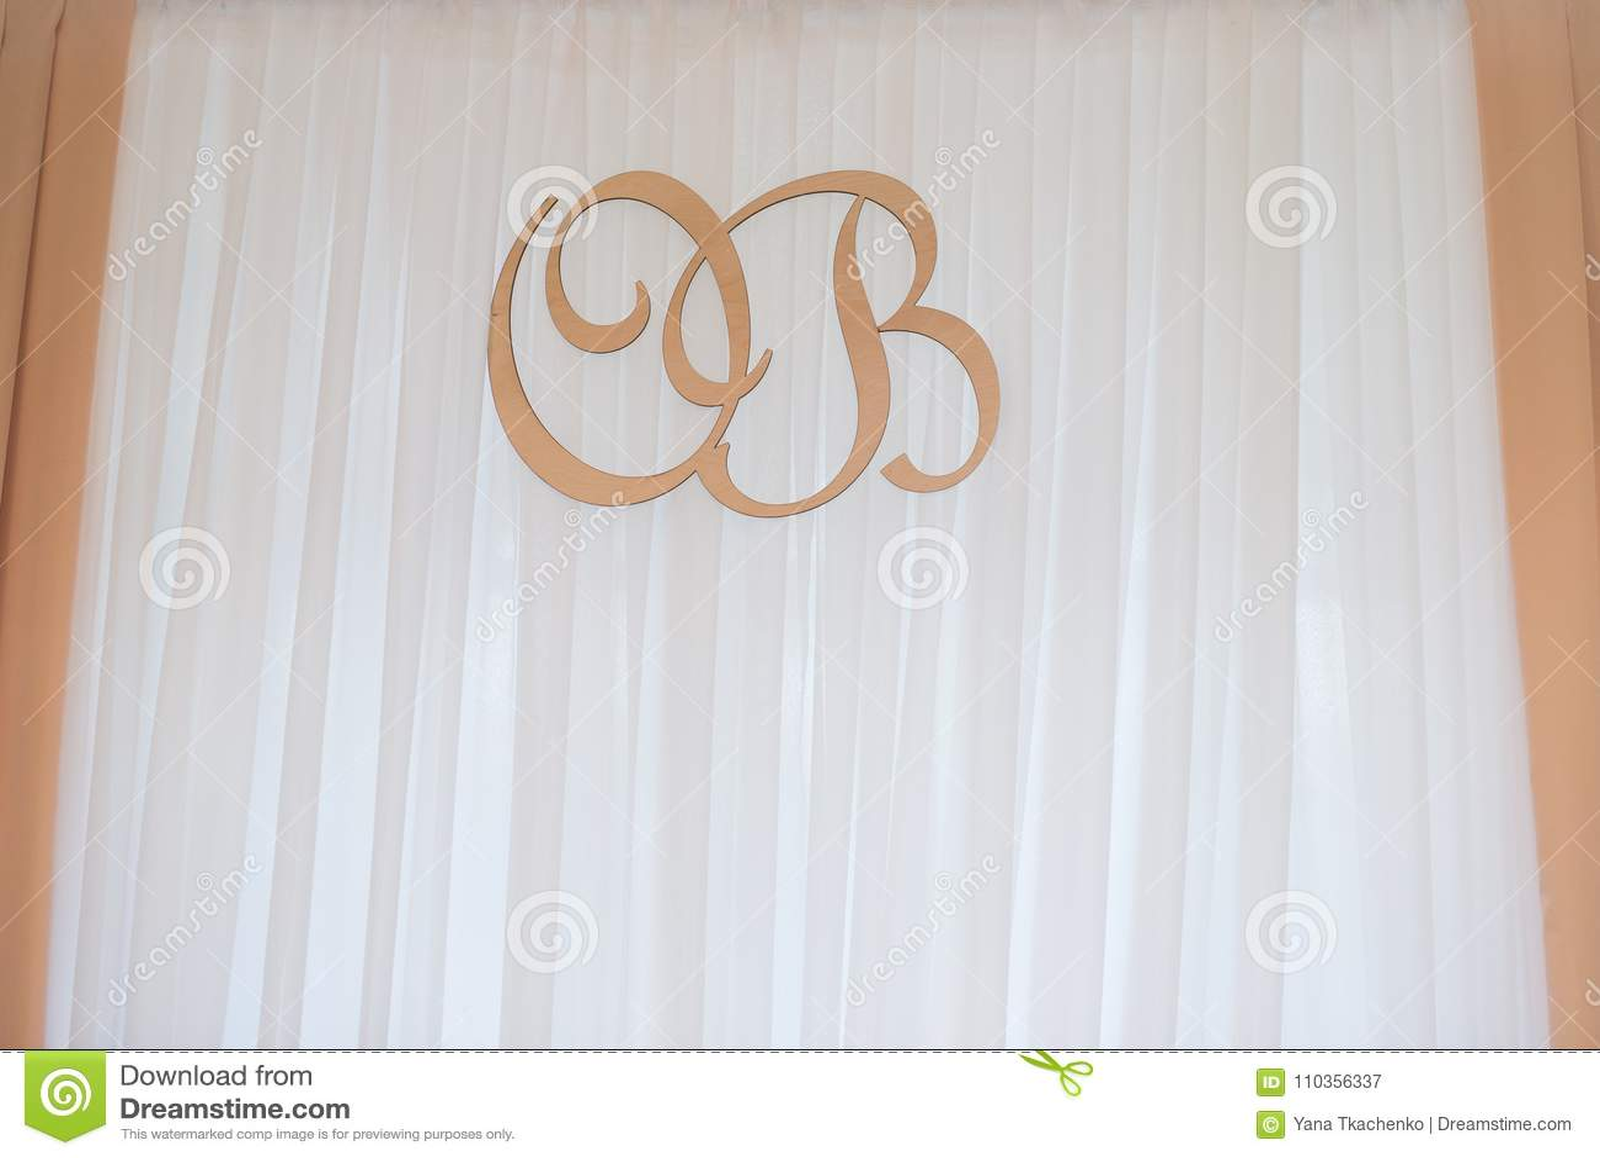 Lettere Di Legno Da Appendere : Lettera o & b della decorazione di nozze le iniziali di legno delle